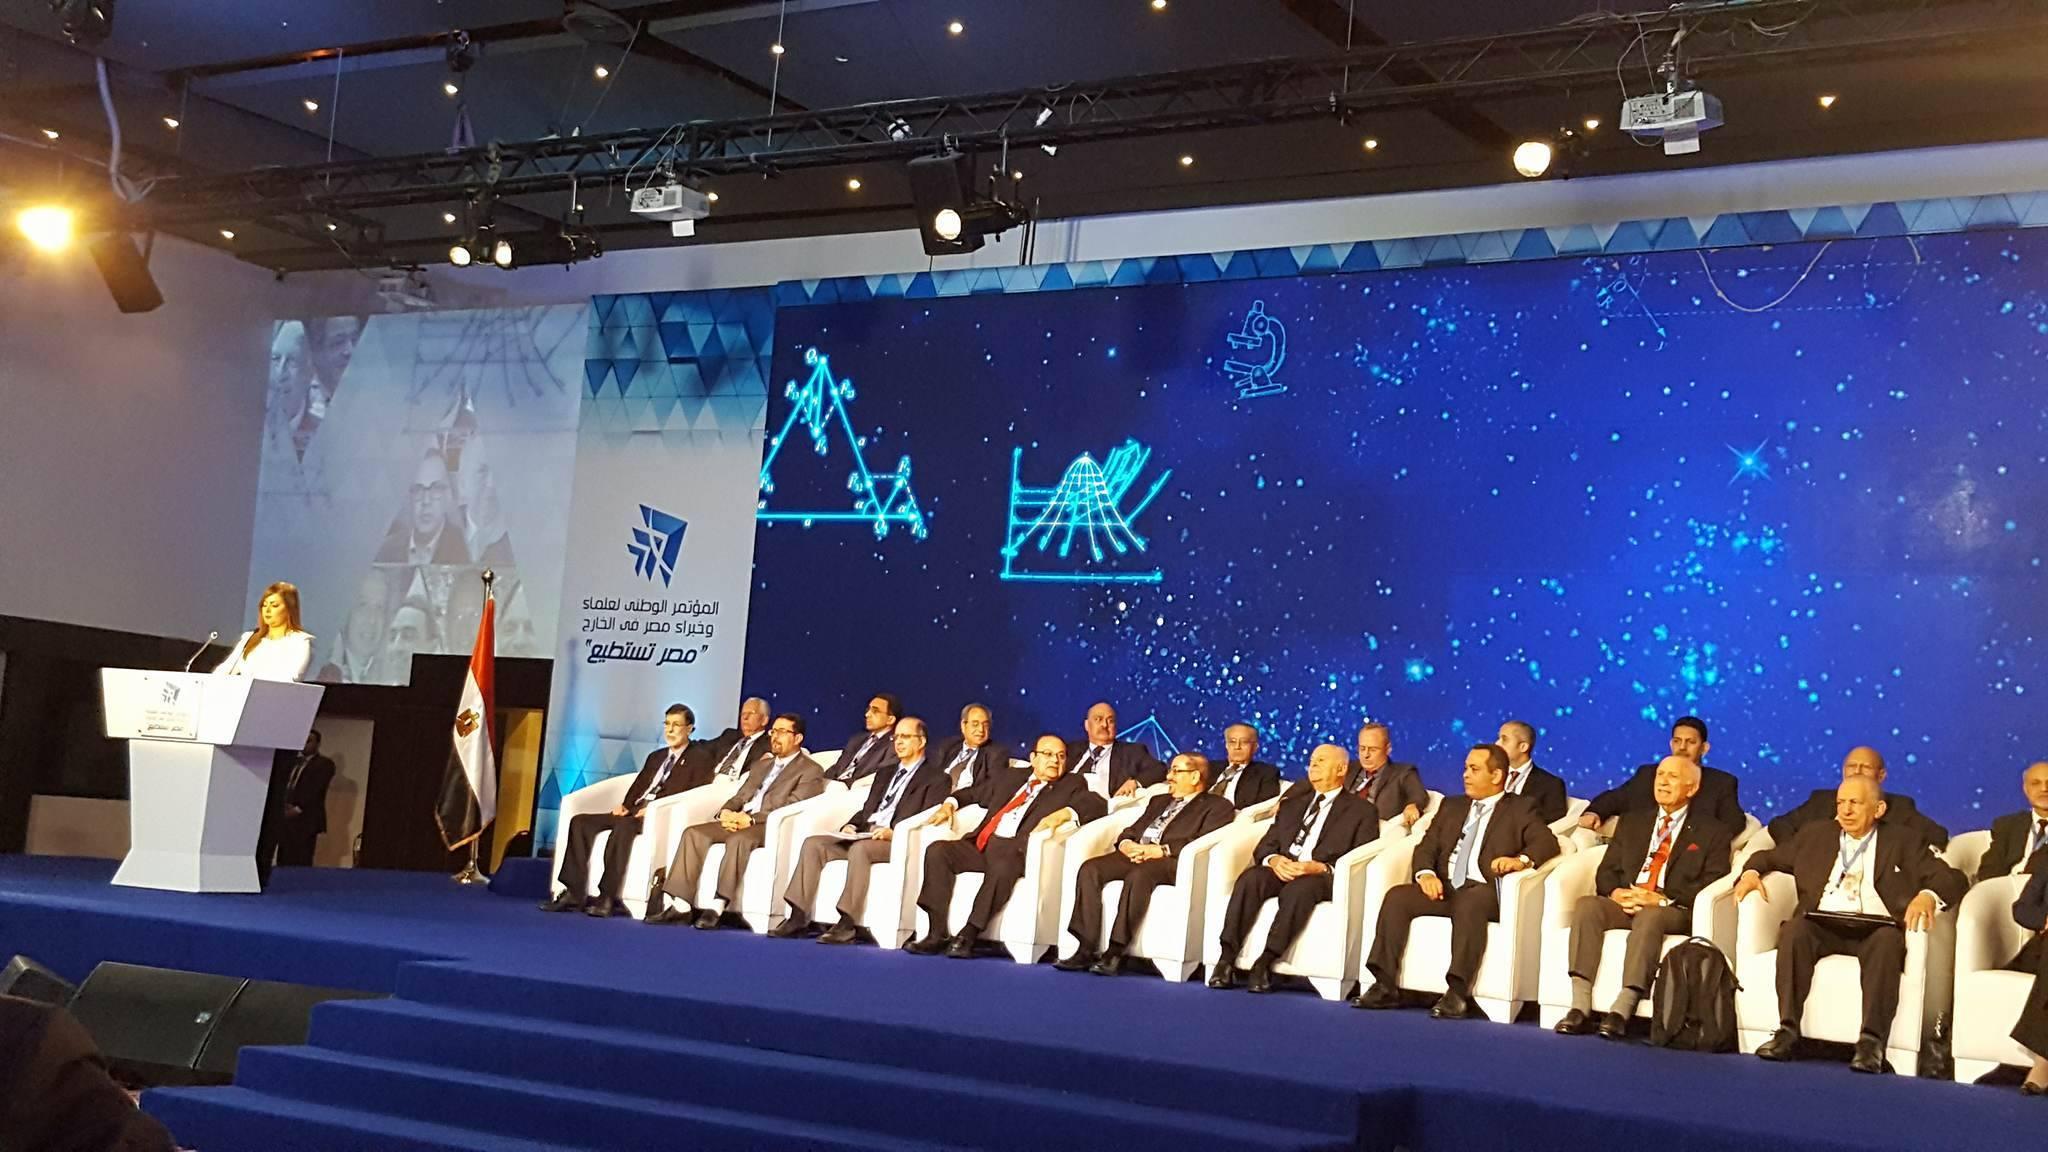 الكنيسة الأرثوذكسية: مؤتمر مصر تستطيع بالتعليم دعوة للتأكيد على قيمة العلم والعمل